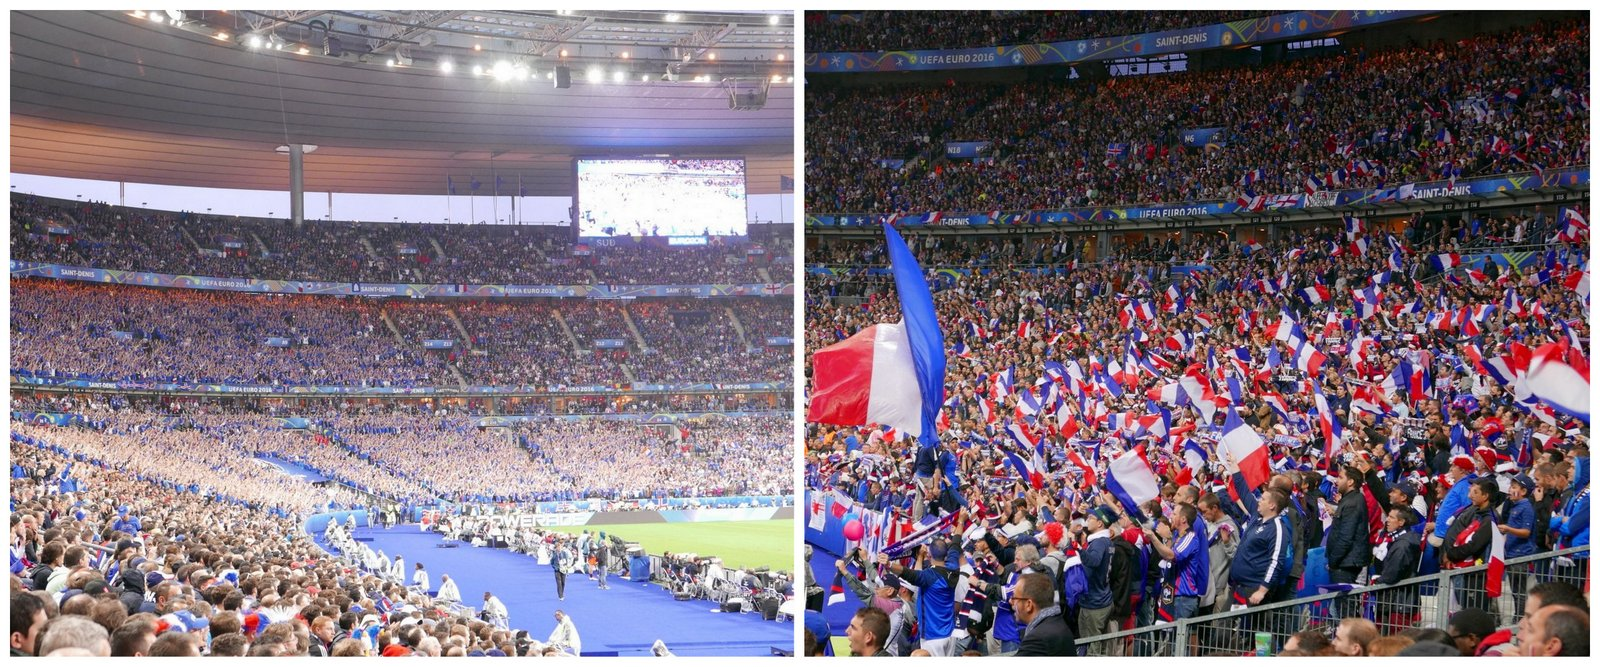 Le match dans les tribunes: clapping des supporters islandais contre drapeaux français